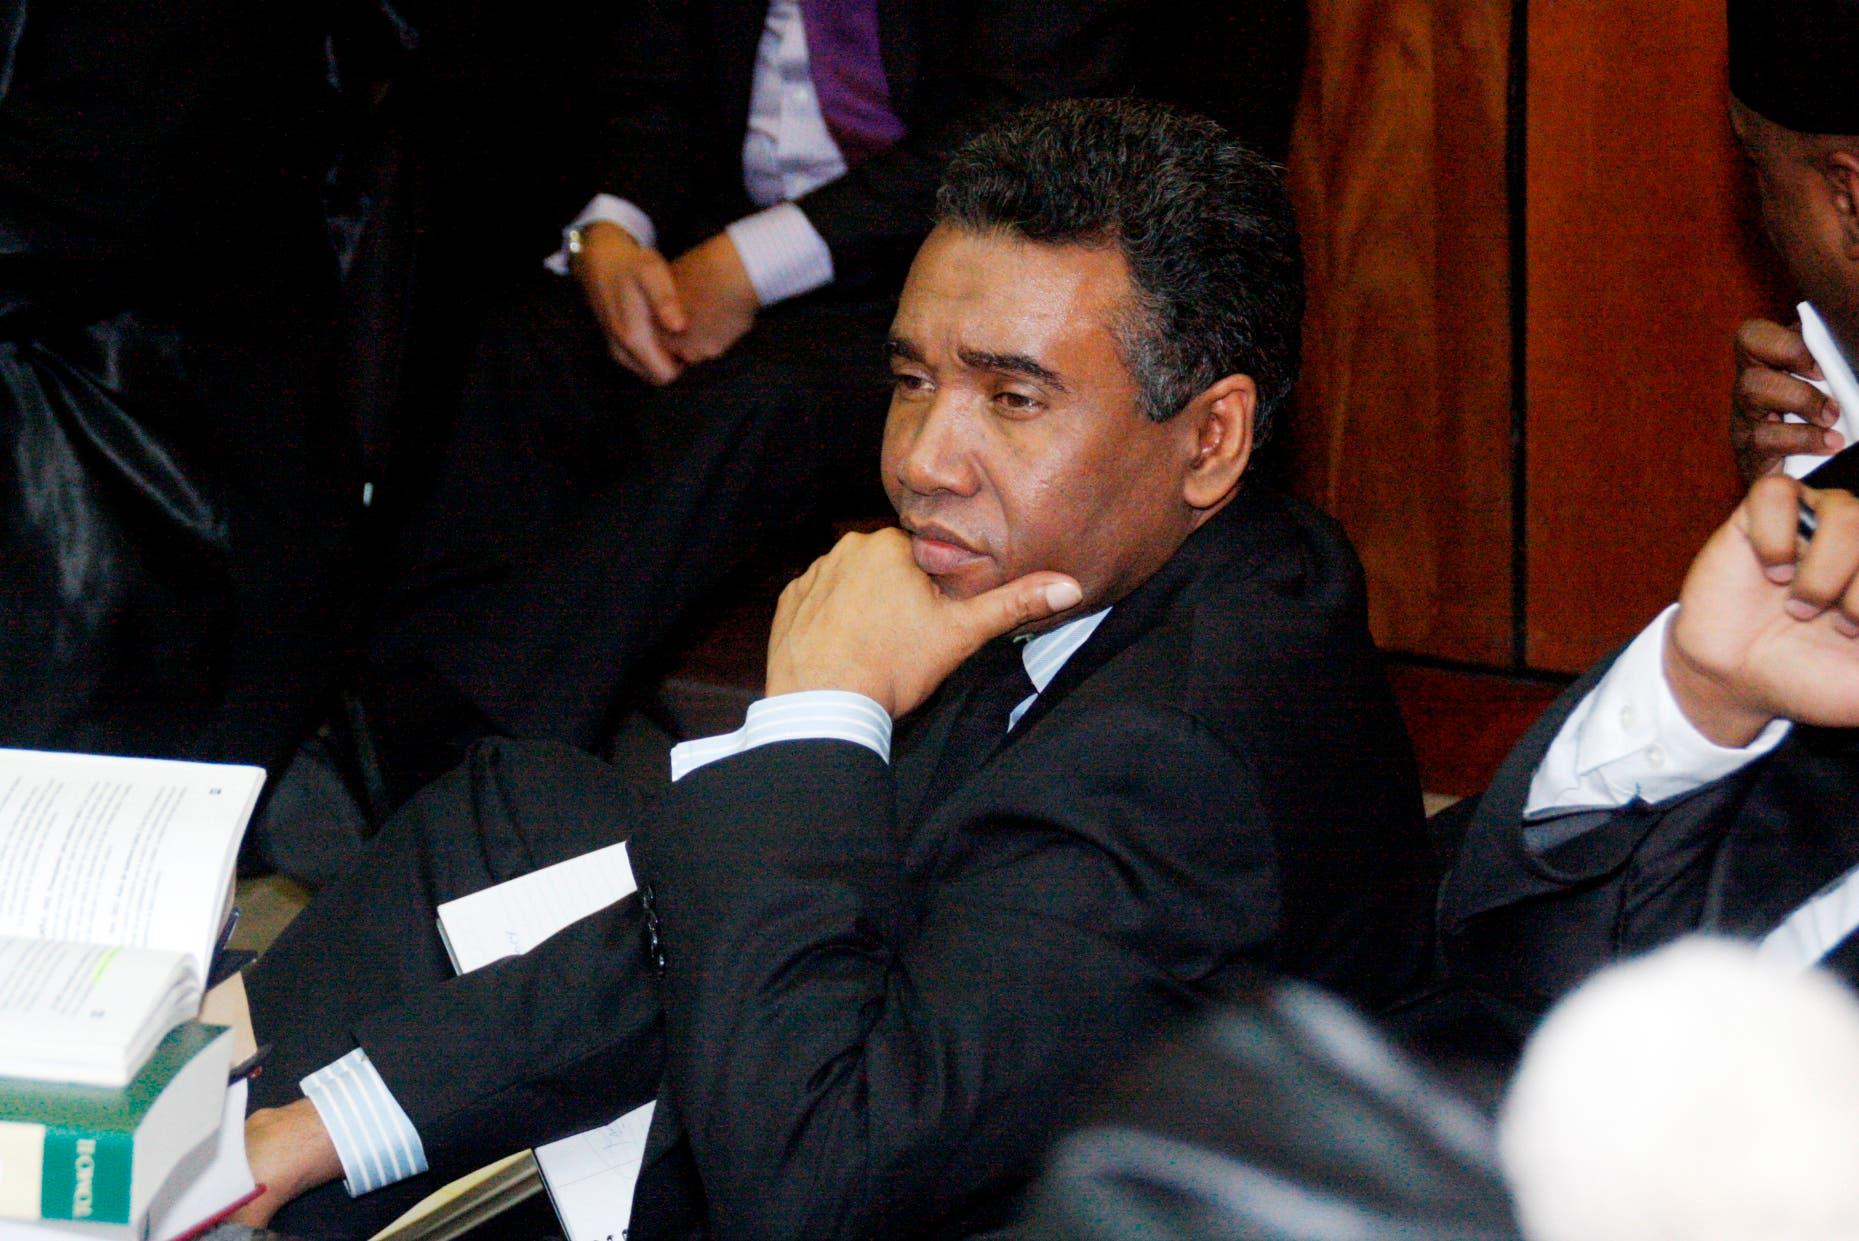 Félix Bautista y familiares no podrán viajar a EEUU por sanción